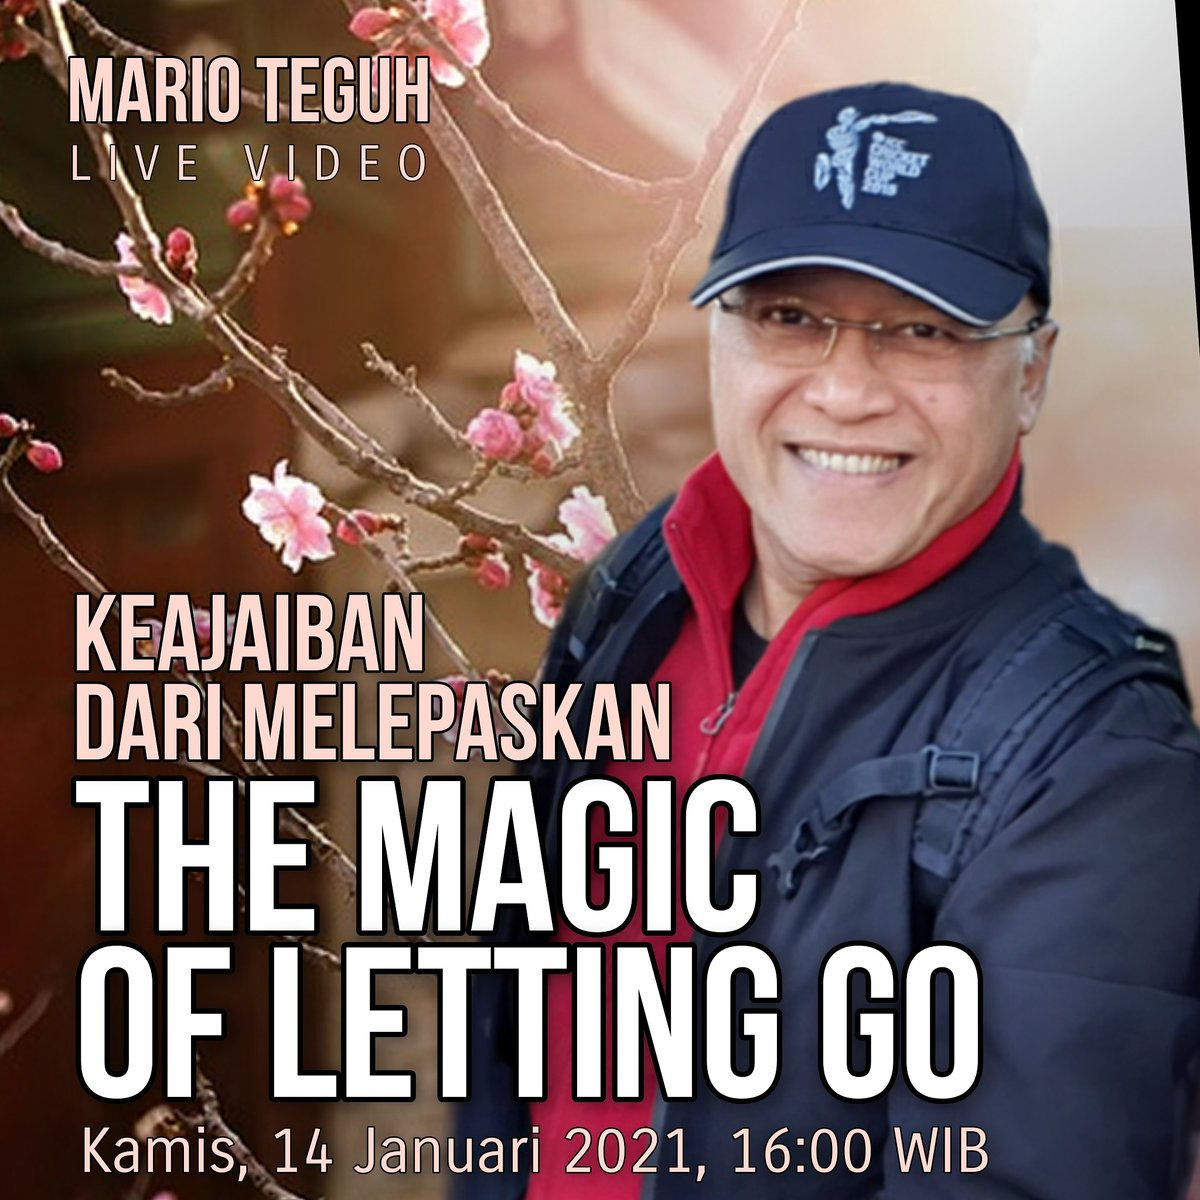 BESOK SORE di   MTLV - KEAJAIBAN DARI MELEPASKAN   The Magic of Letting Go  Kamis, 14 Januari 2021 Jam 16:00 WIB  Sampai besok ya?  Terima kasih dan salam super! 💗💝💖  #MarioTeguh #live #melepaskan #magic #keajaiban #lettinggo #ikhlas #berserah #letgo